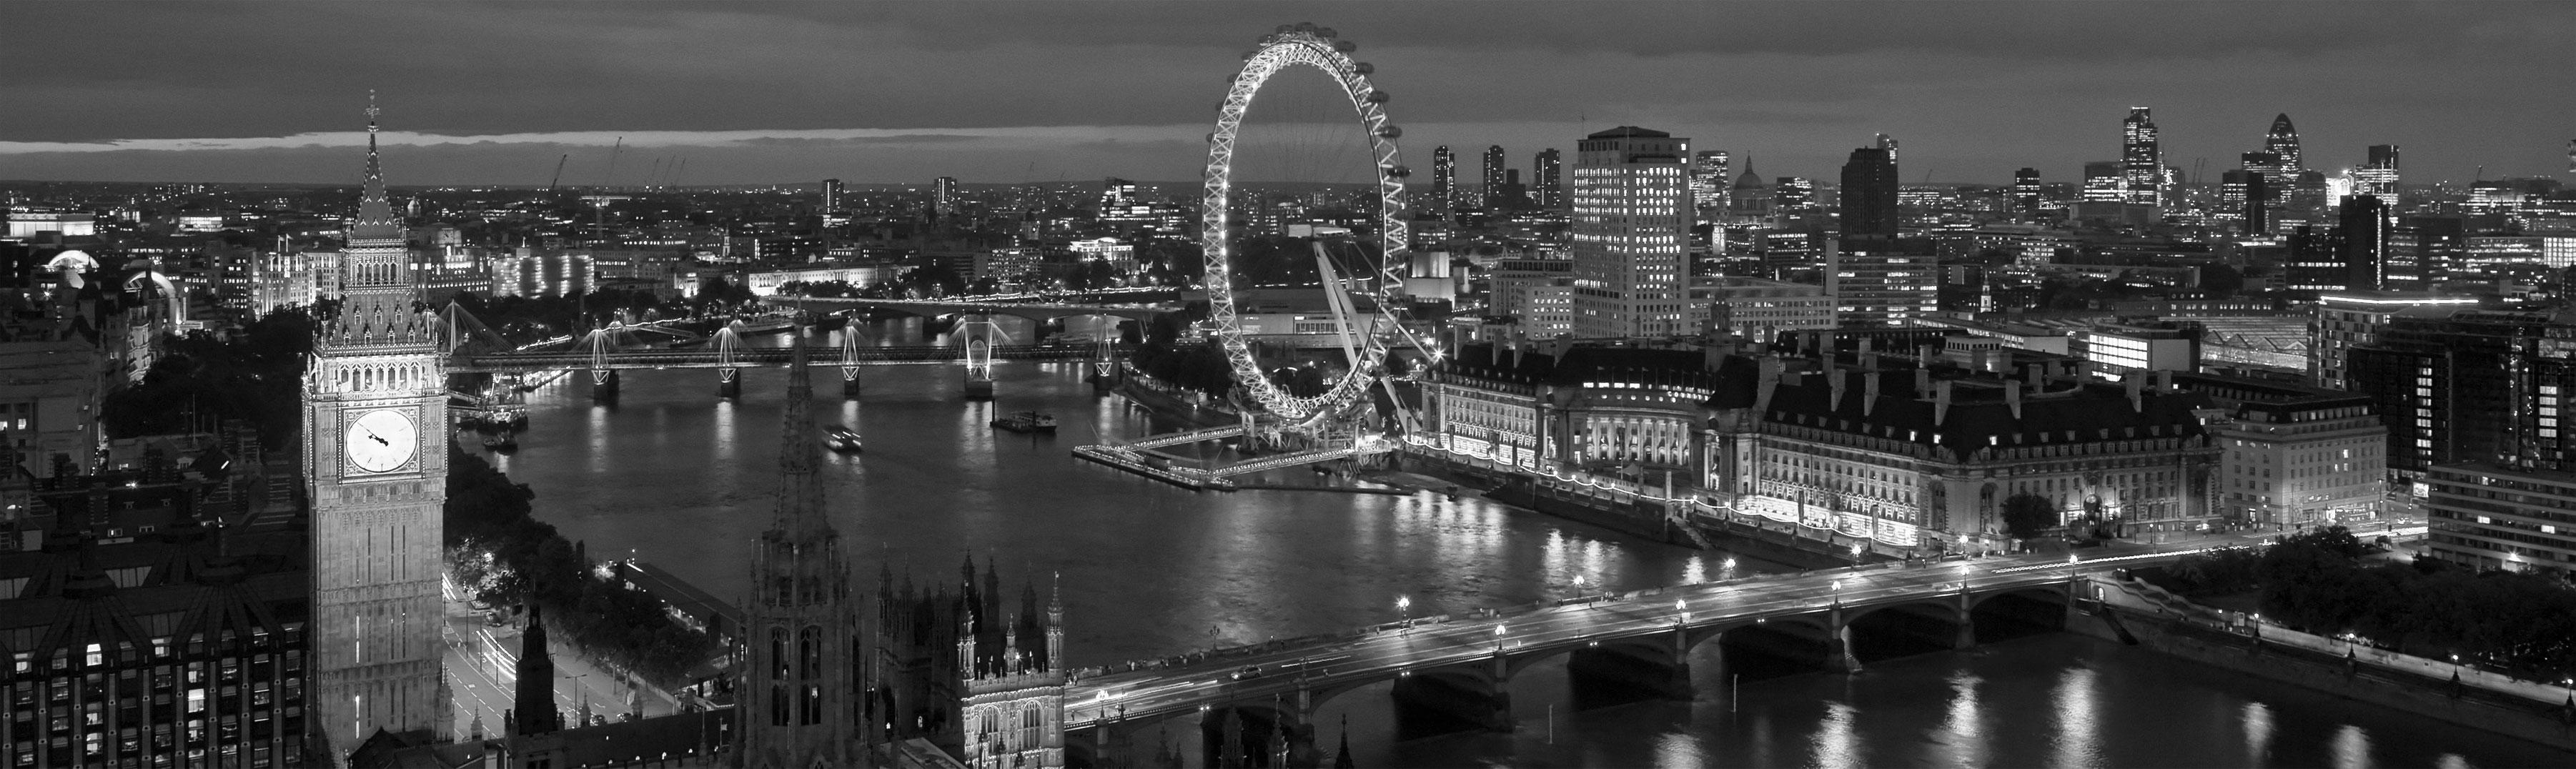 skyline-07-london021